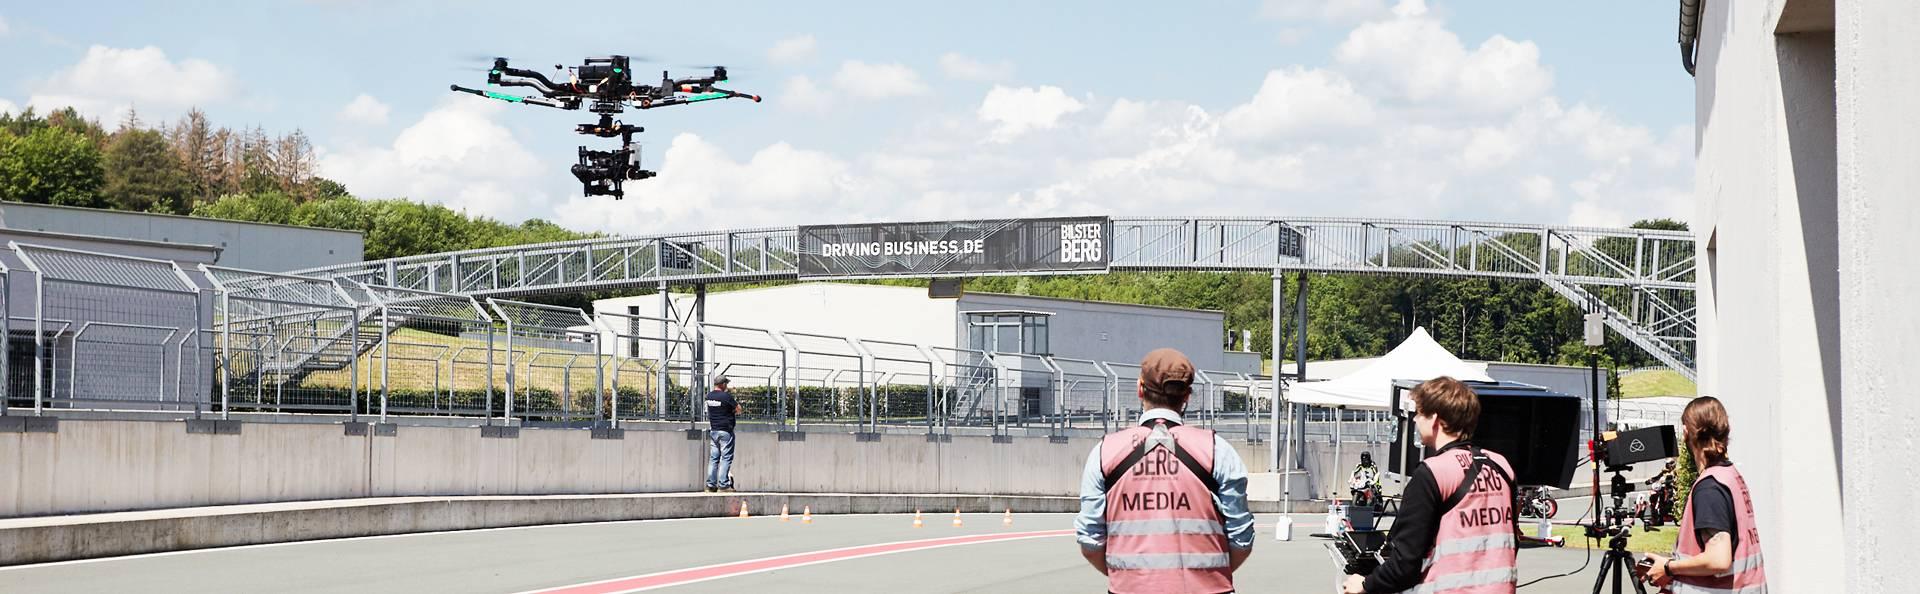 Freefly Alta geflogen von dem aerial Team kopterwork auf der Rennstrecke Bilster Berg.